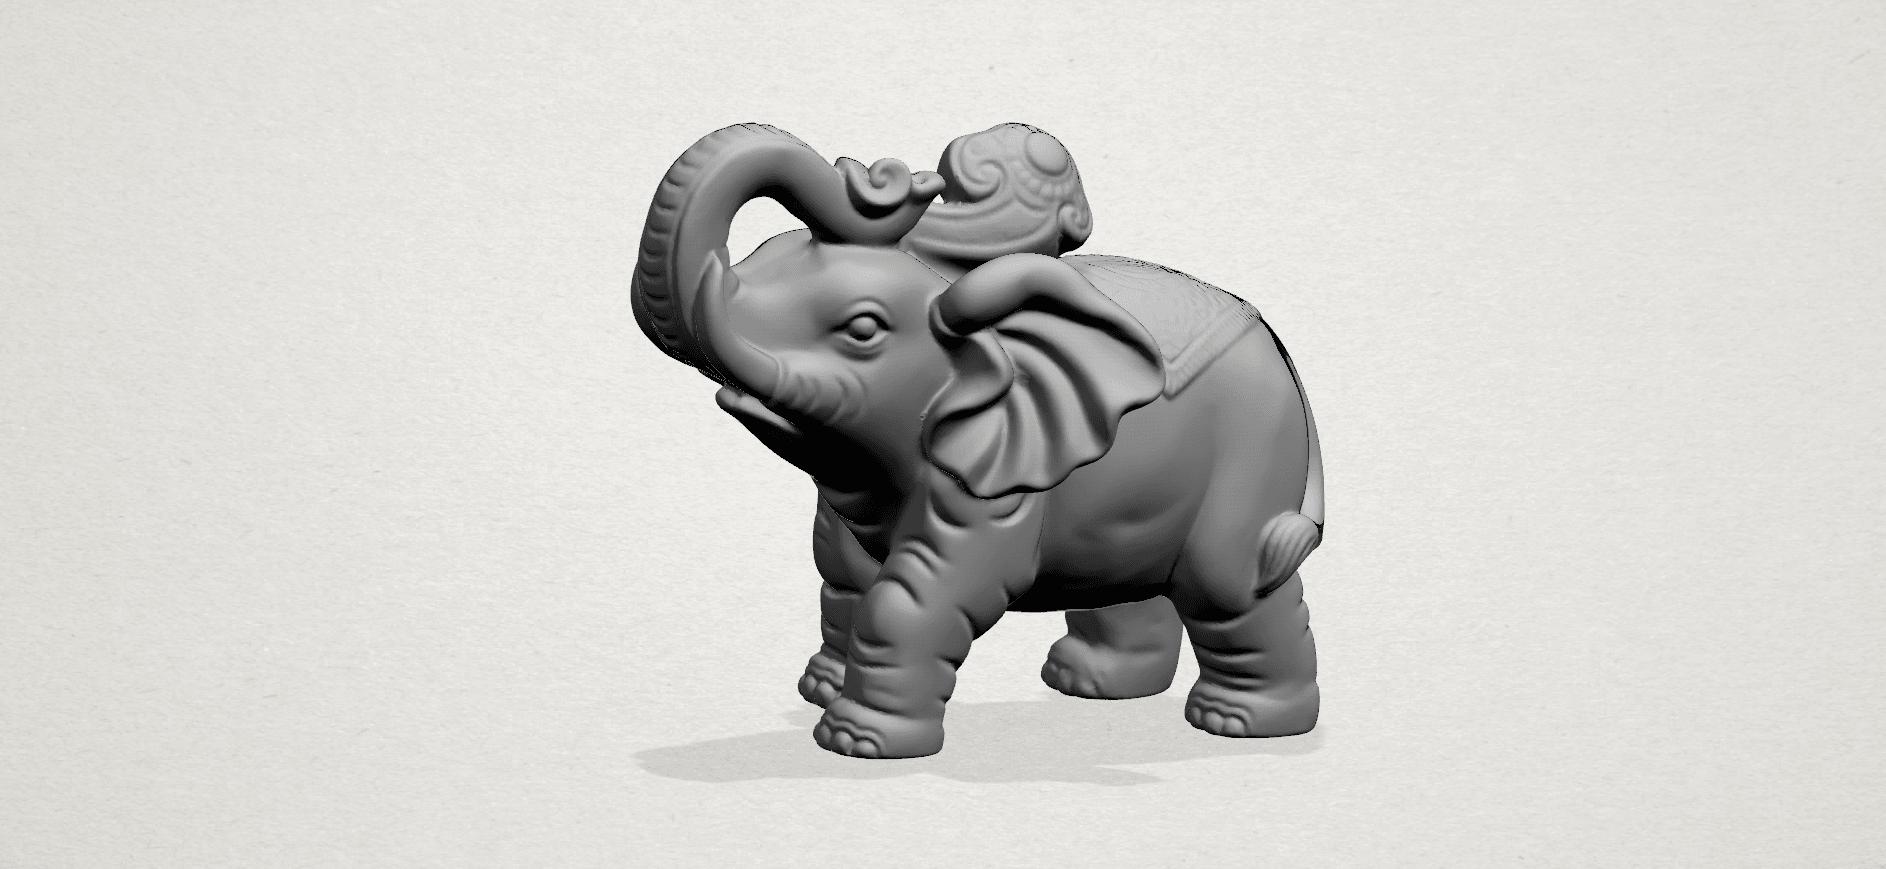 Elephant 02 -A01.png Télécharger fichier STL gratuit Eléphant 02 • Plan imprimable en 3D, GeorgesNikkei